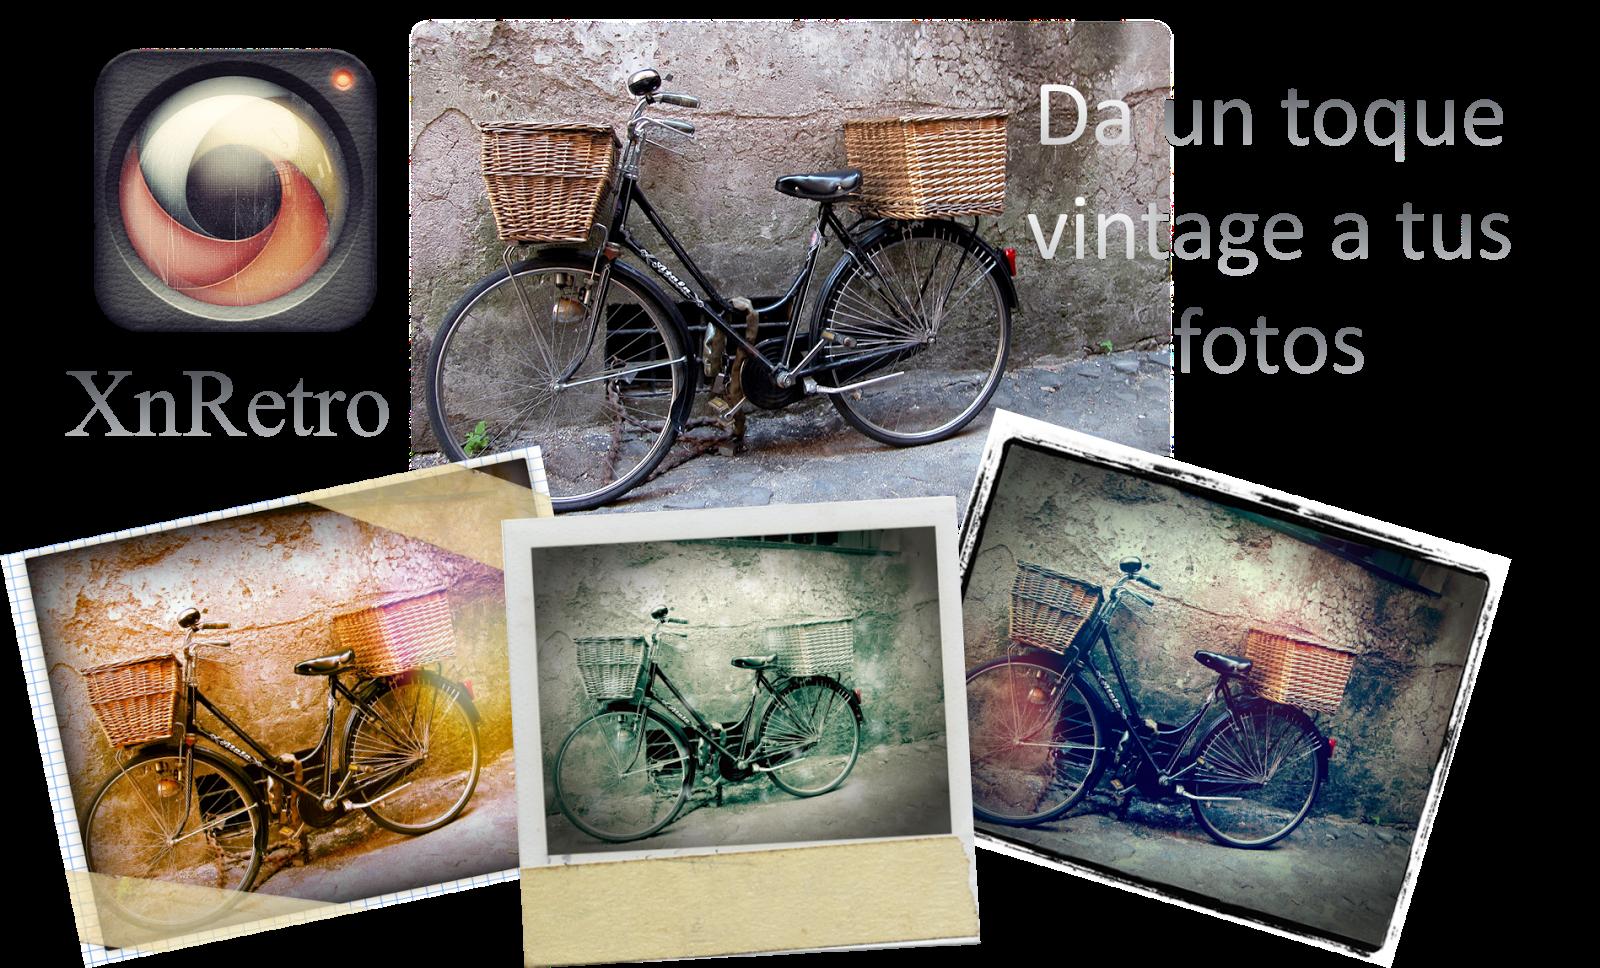 Da un toque vintage a tus fotos con XnRetro